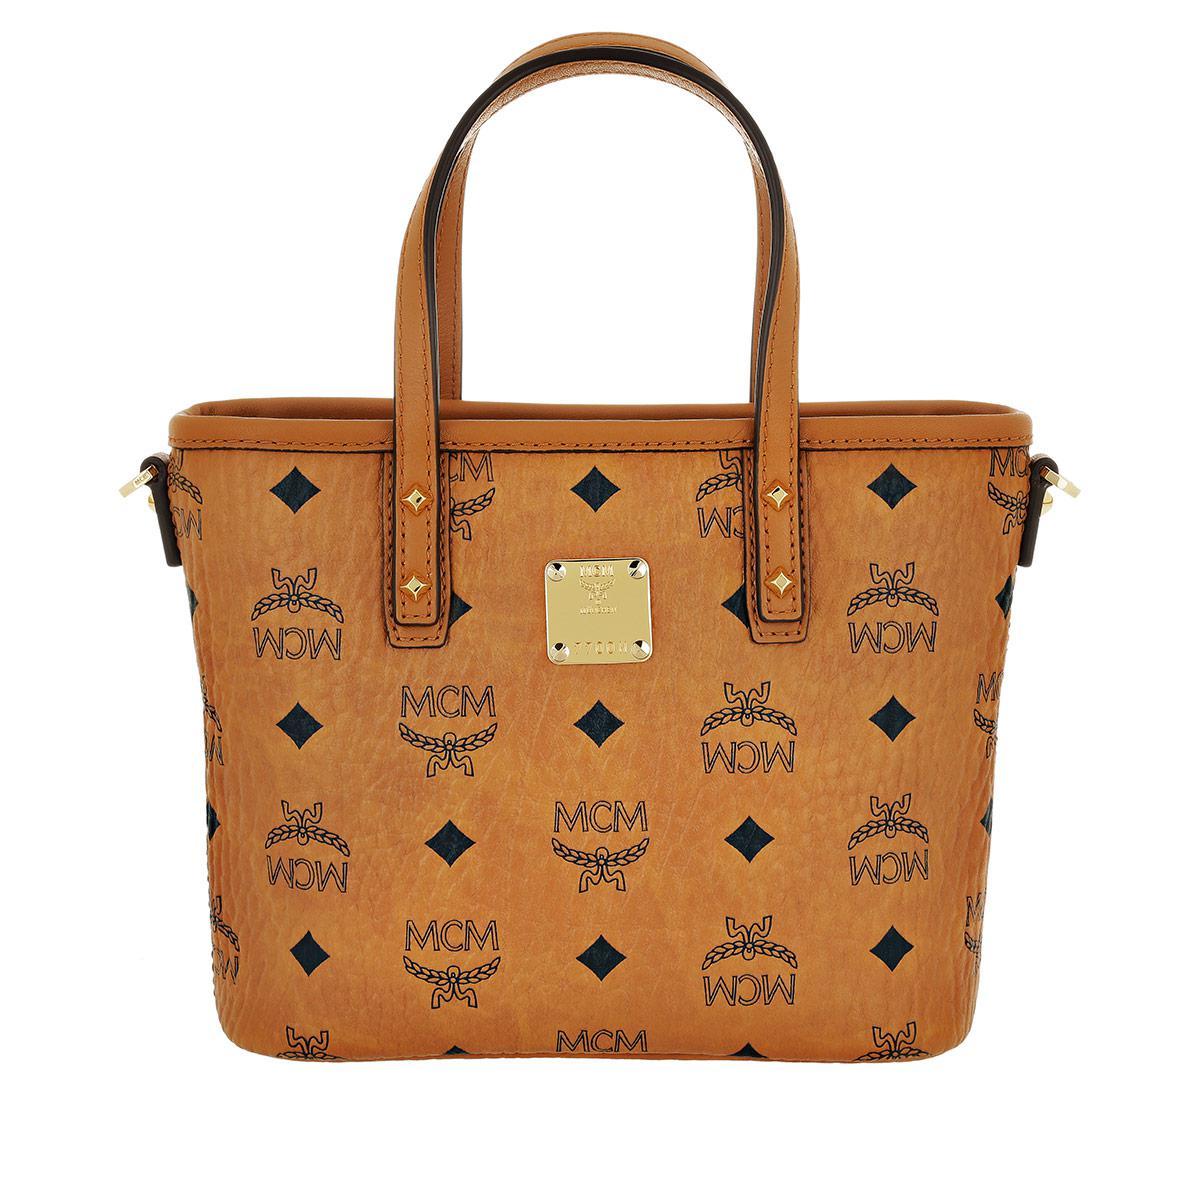 fullscreen Cognac MCM Shopper Brown Lyst Zip Mini View Top Anya 1C6SCqwp